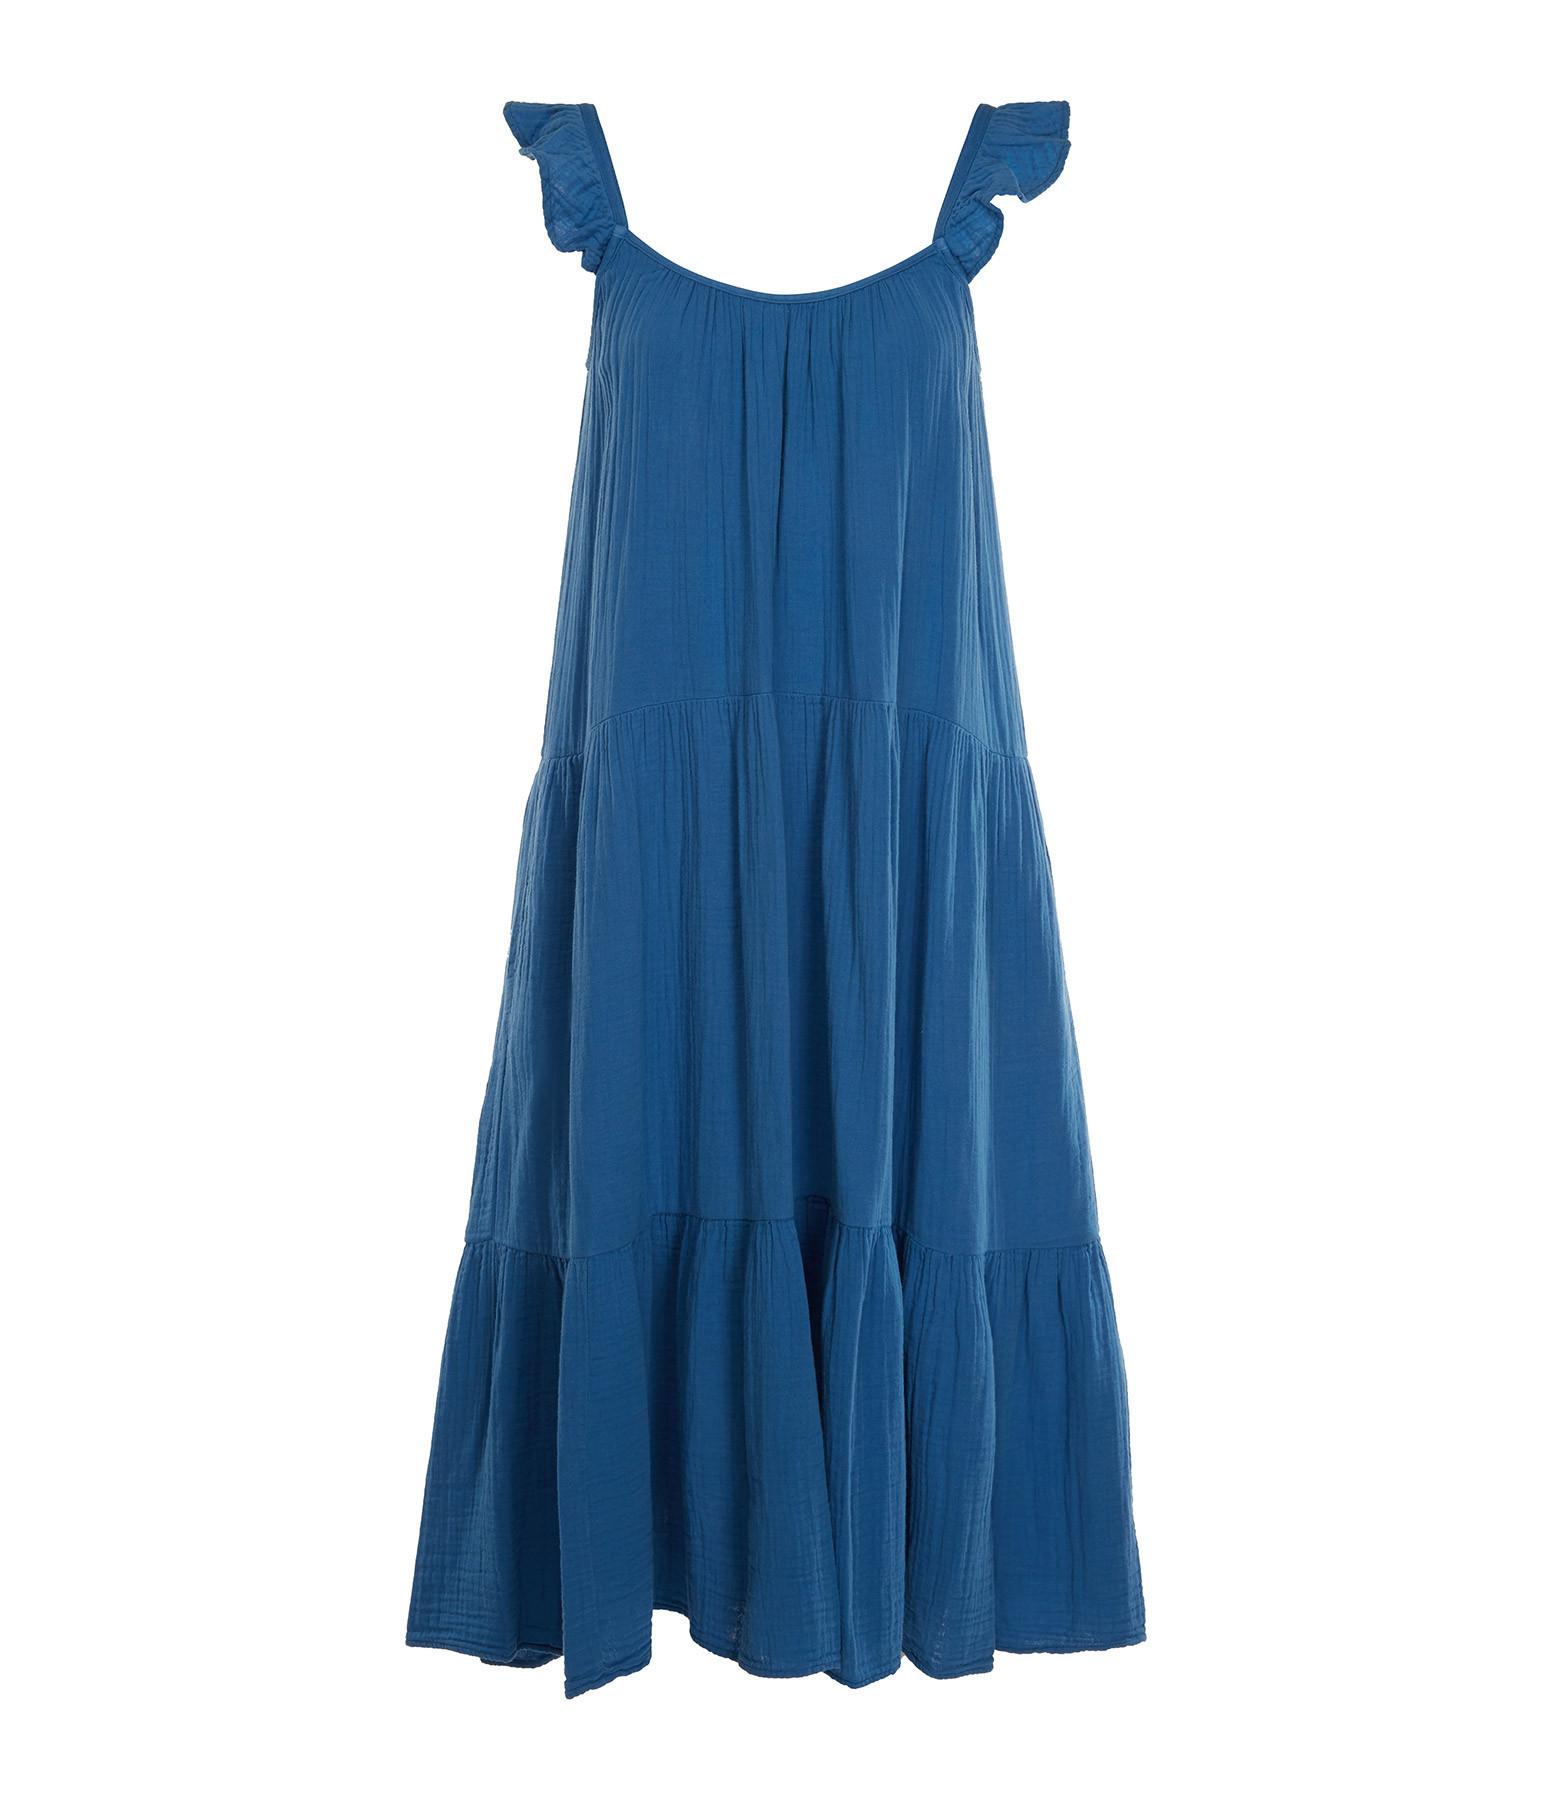 XIRENA - Robe Rumer Coton Bleu